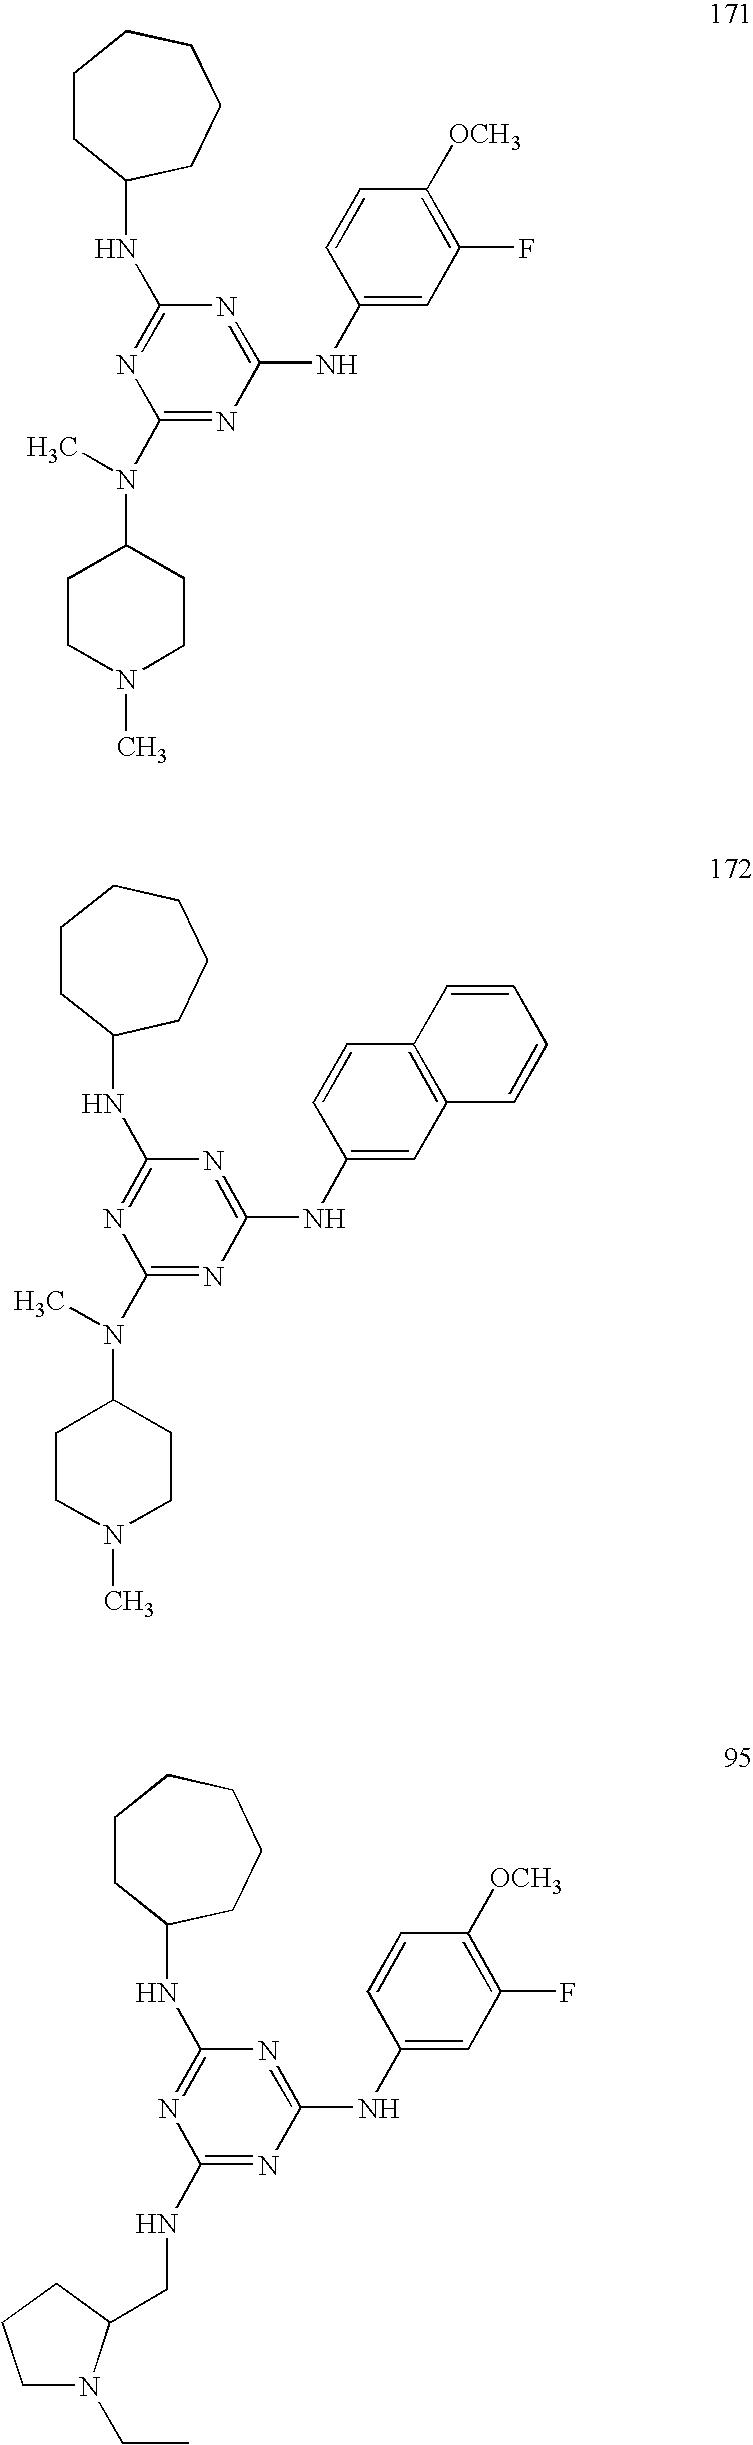 Figure US07112587-20060926-C00026